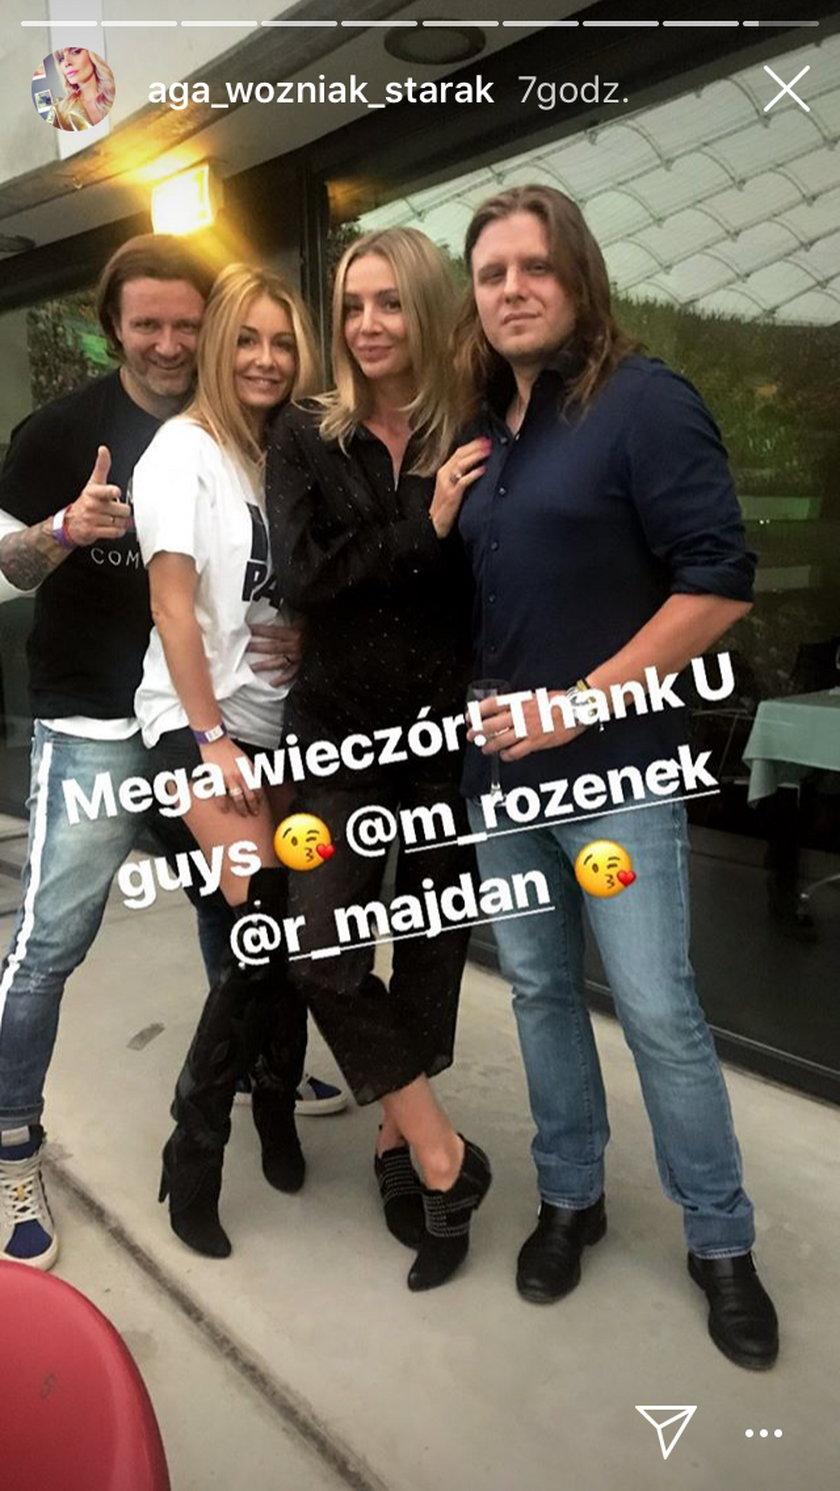 Agnieszka Woźniak-Starak z mężem Piotrem i Małgorzata Rozenek-Majdan z mężem Radosławem